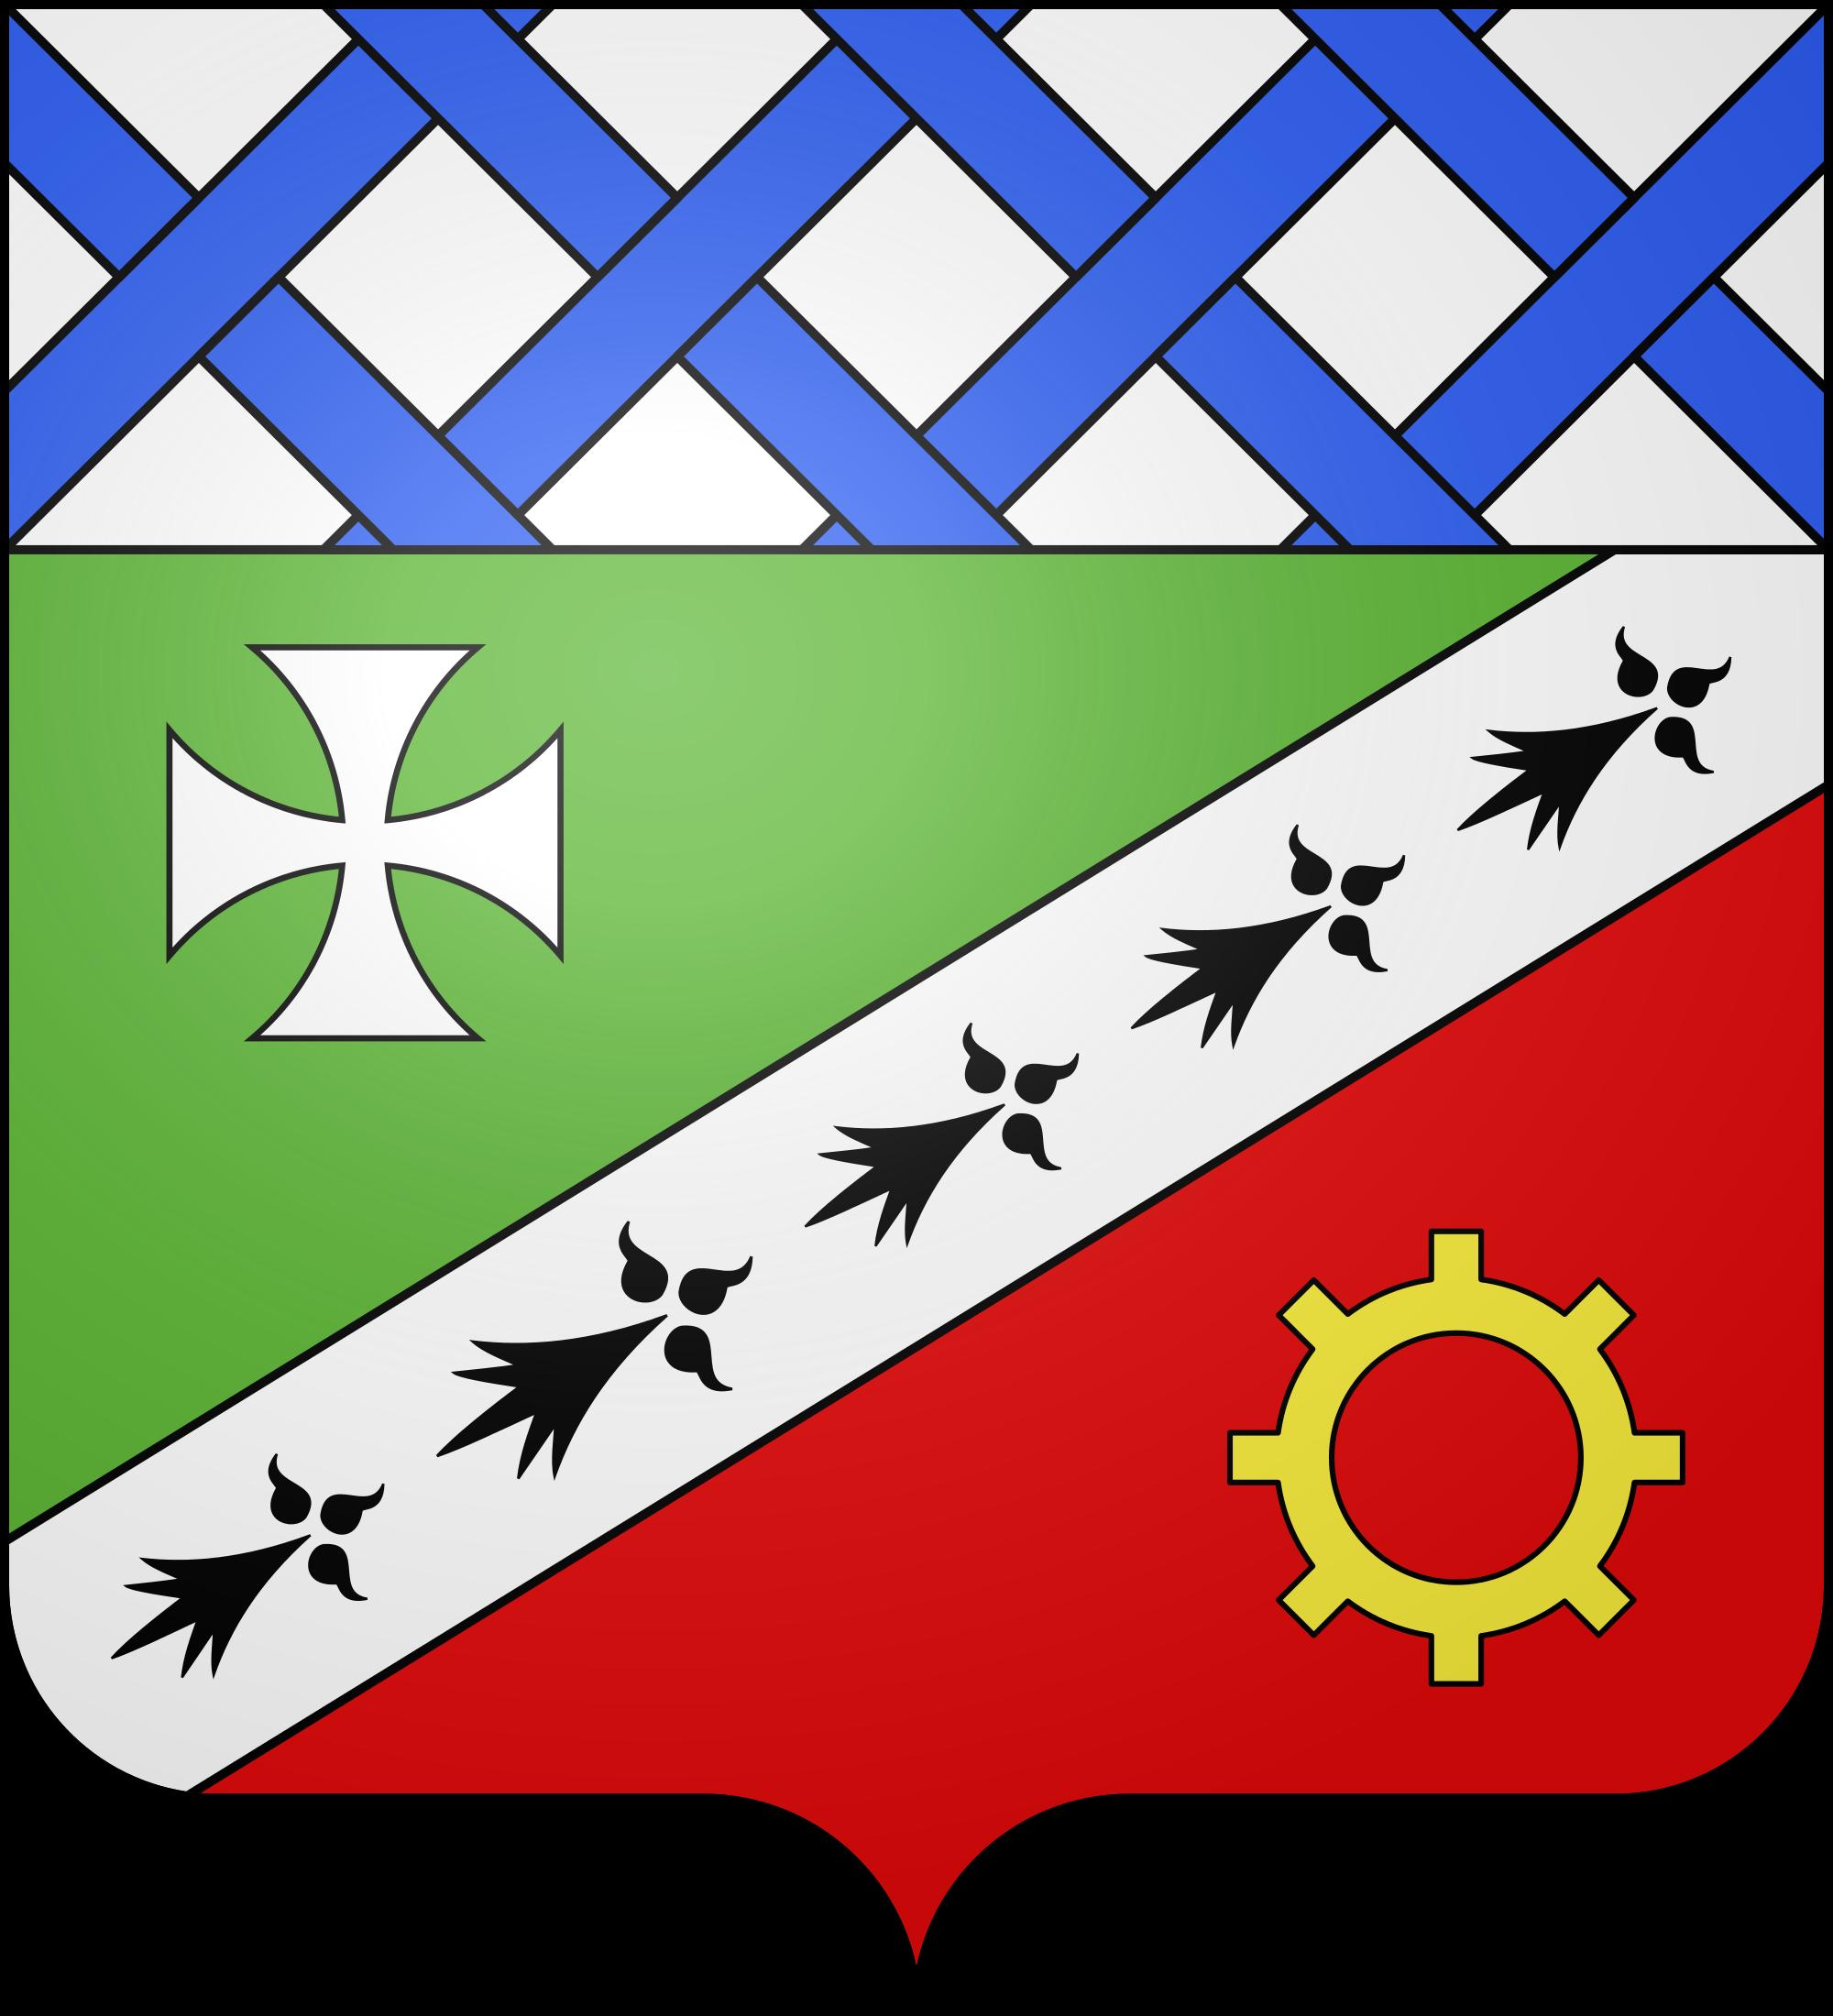 File:Blason de la ville de Quévert (Côtes.